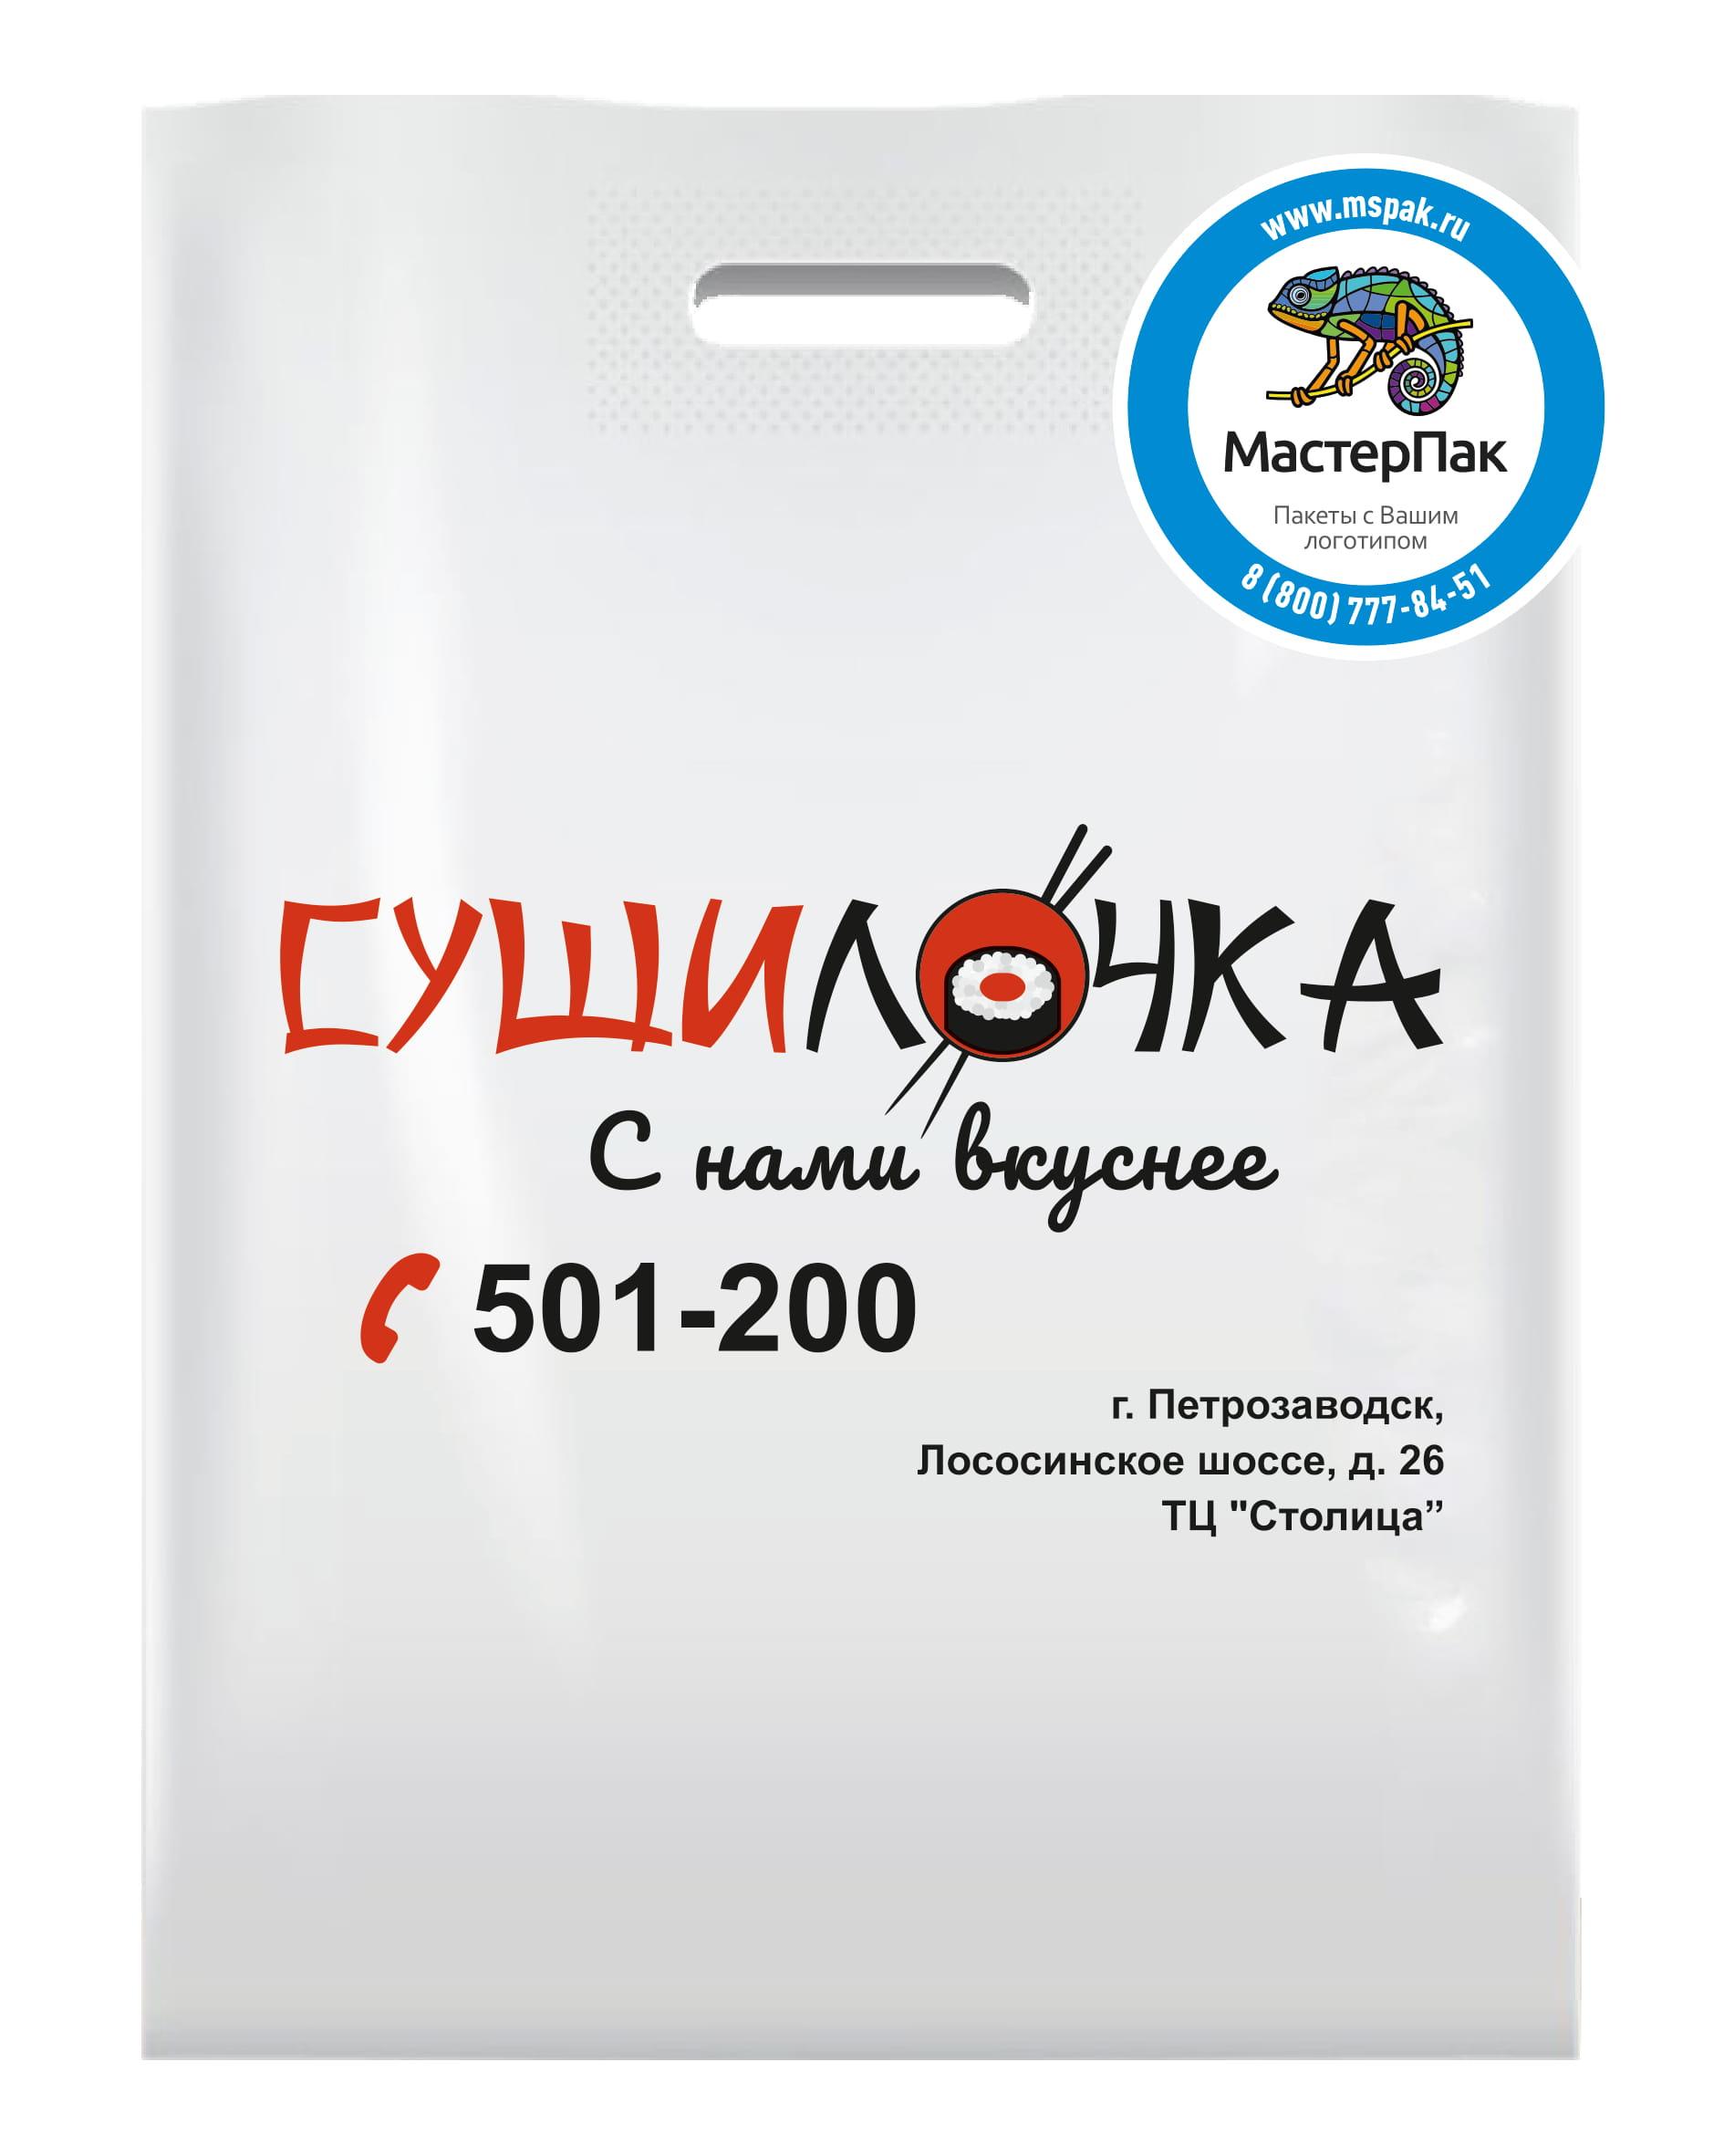 Пакет ПВД с логотипом Сушилочка, Петрозаводск, вырубная ручка, 70 мкм